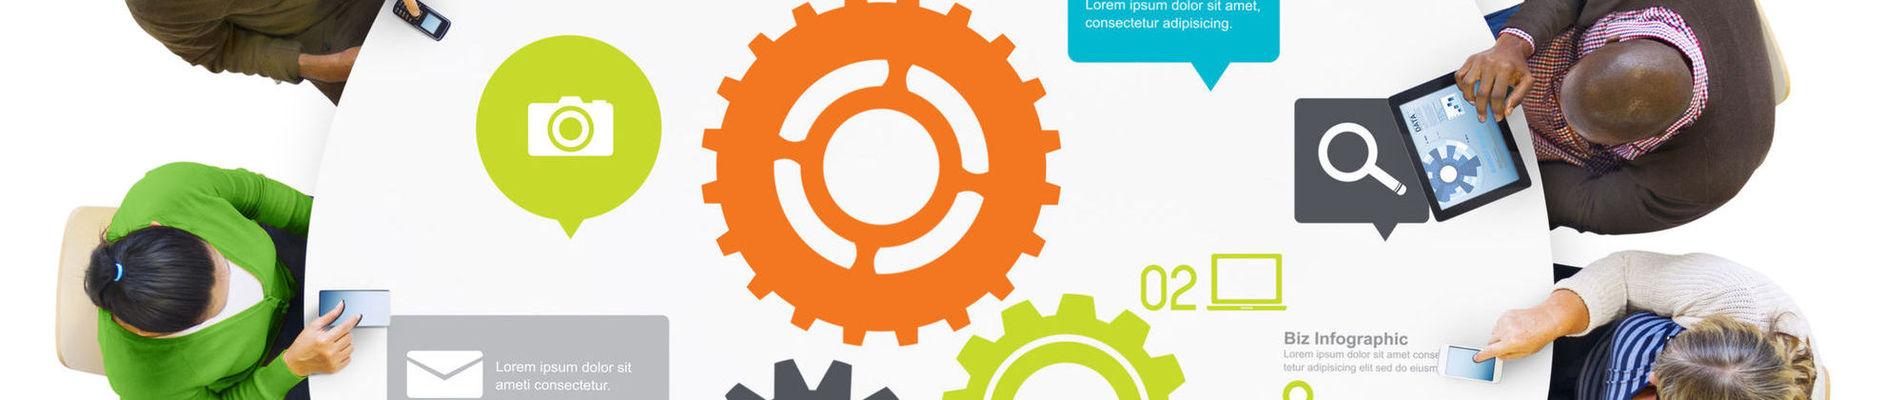 Marketing agency Bristol, Bristol marketing agency, Marketing agencies in Bristol